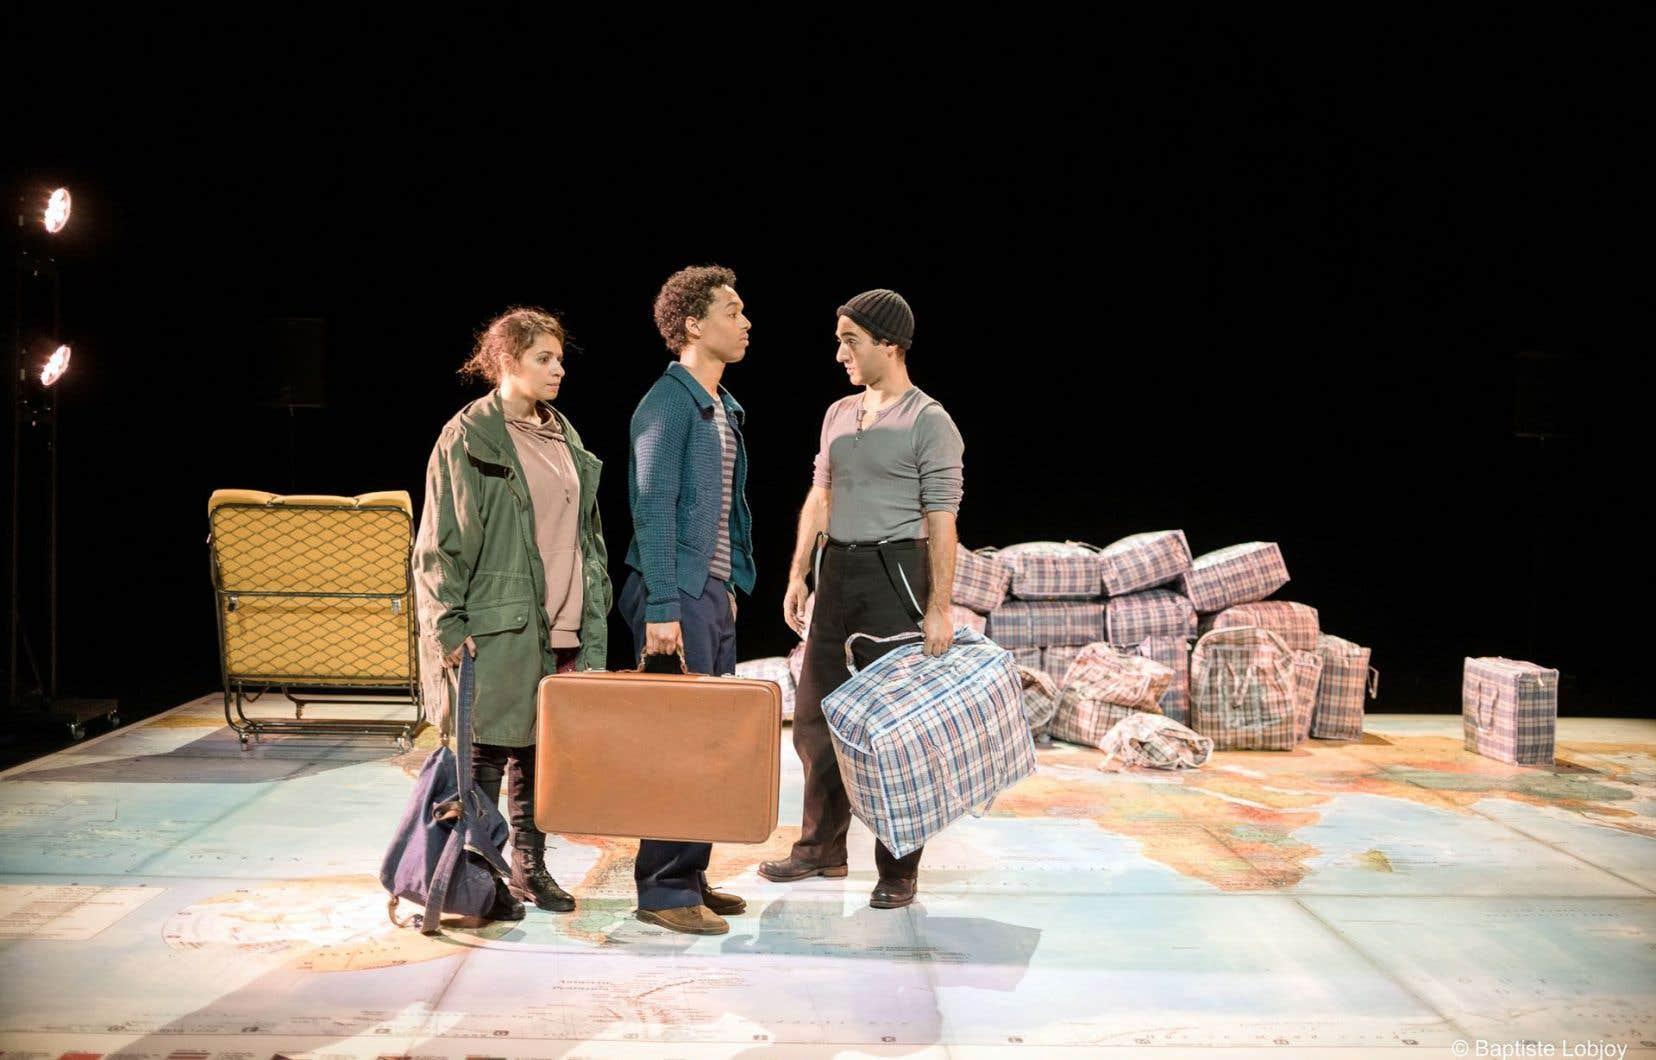 Le spectacle «Le garçon à la valise», de Mike Kenny, retrace le parcours de deux enfants migrants. Impossible pour le festival de faire abstraction des nouvelles réalités.